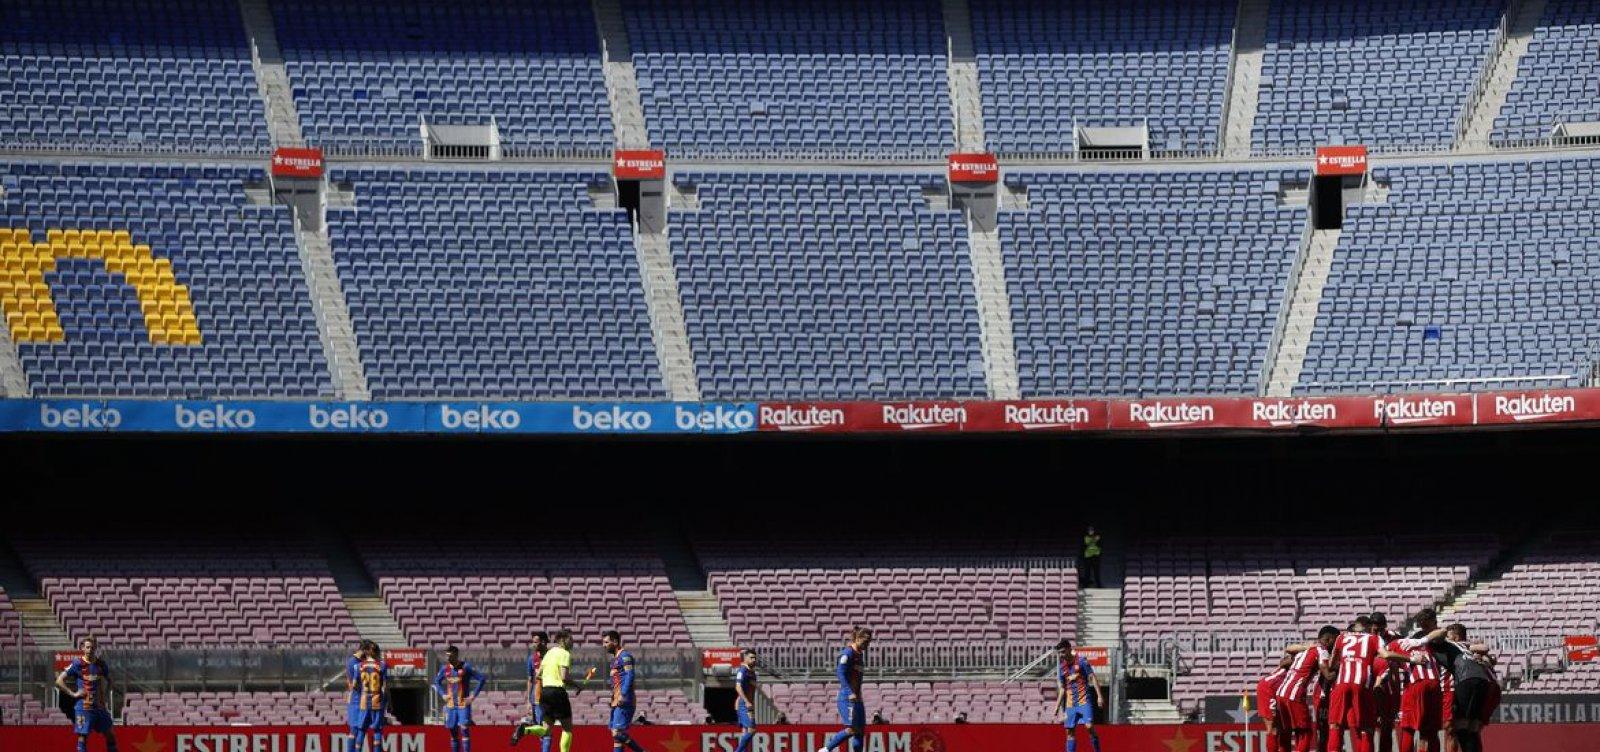 Torcida voltará aos estádios em algumas regiões da Espanha